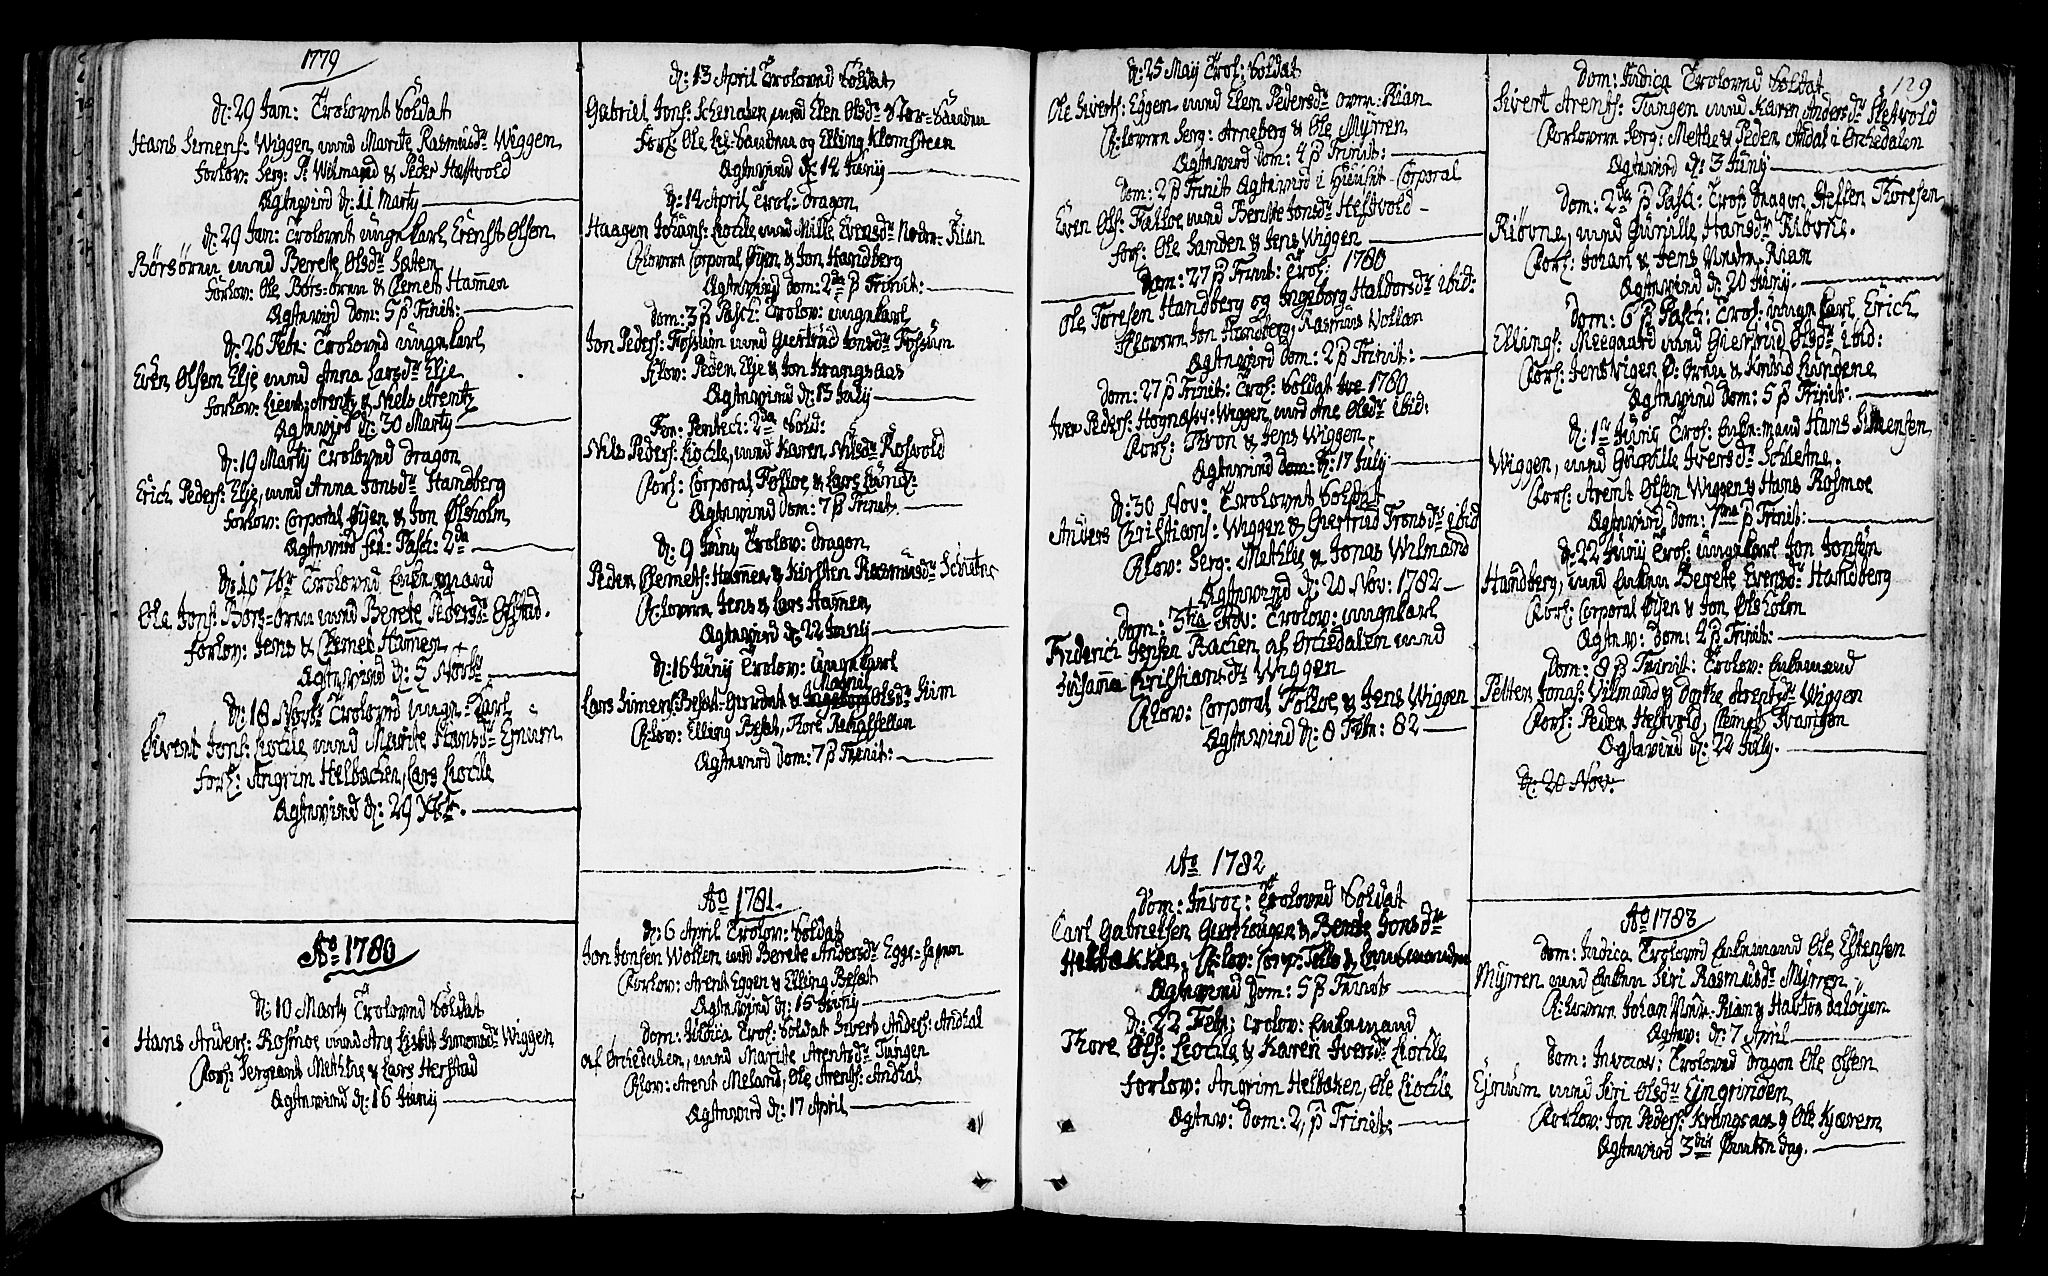 SAT, Ministerialprotokoller, klokkerbøker og fødselsregistre - Sør-Trøndelag, 665/L0768: Ministerialbok nr. 665A03, 1754-1803, s. 129